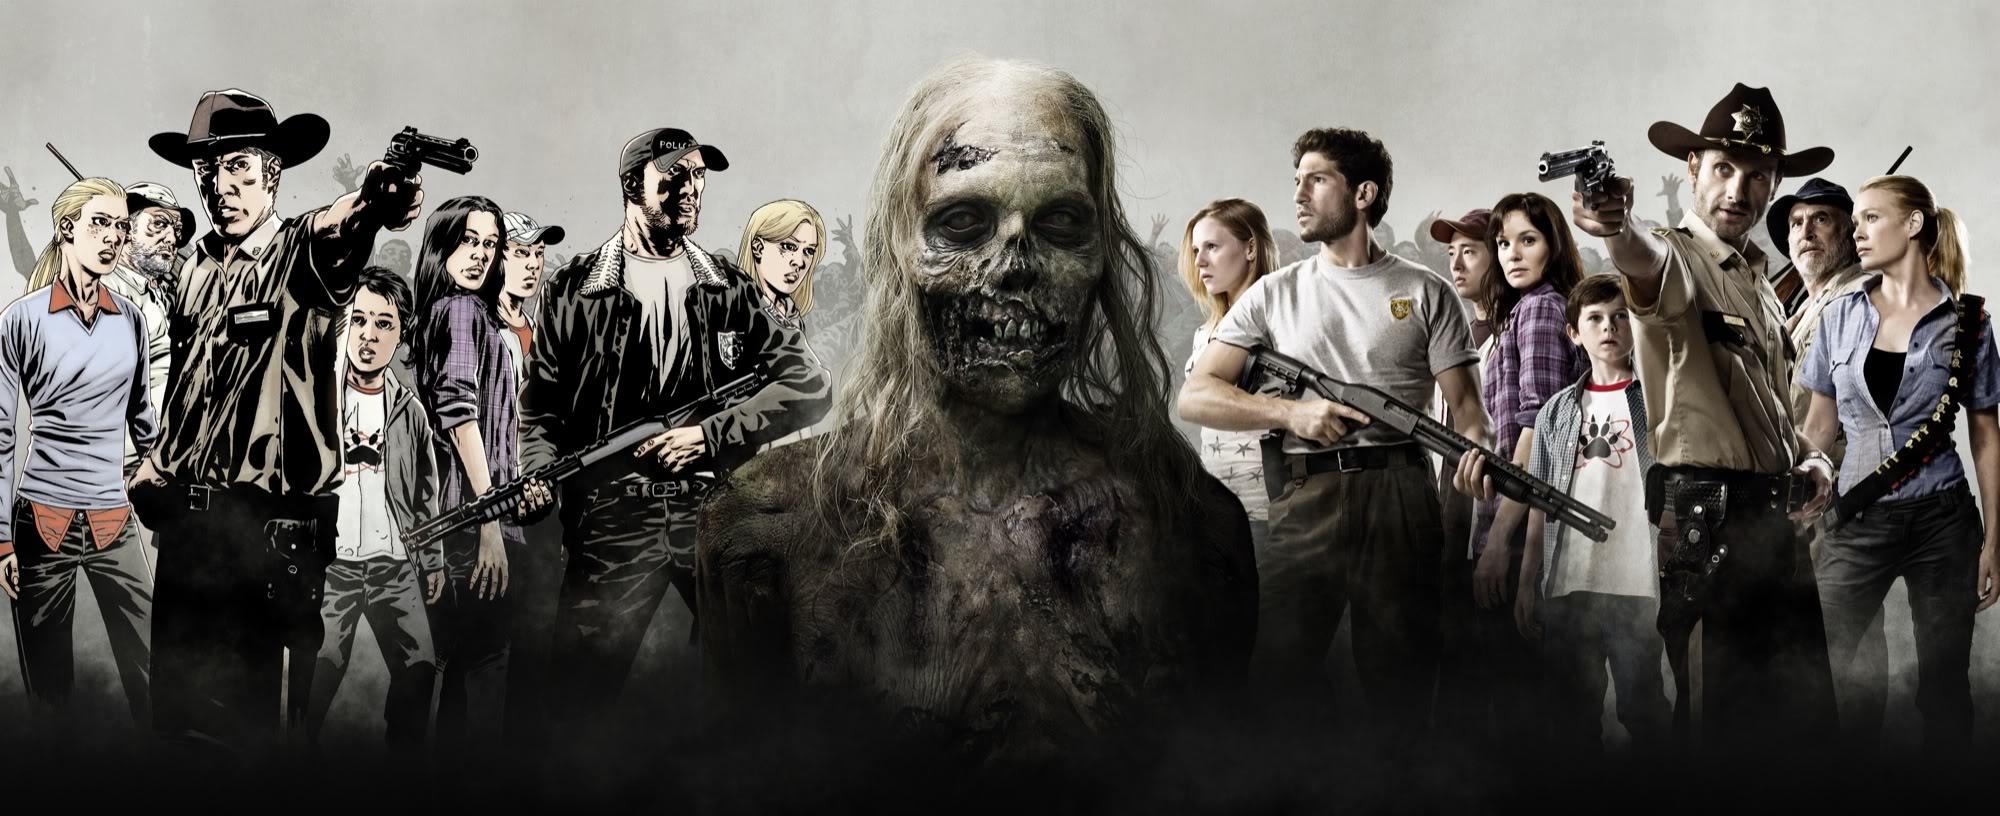 Walking Dead characters#